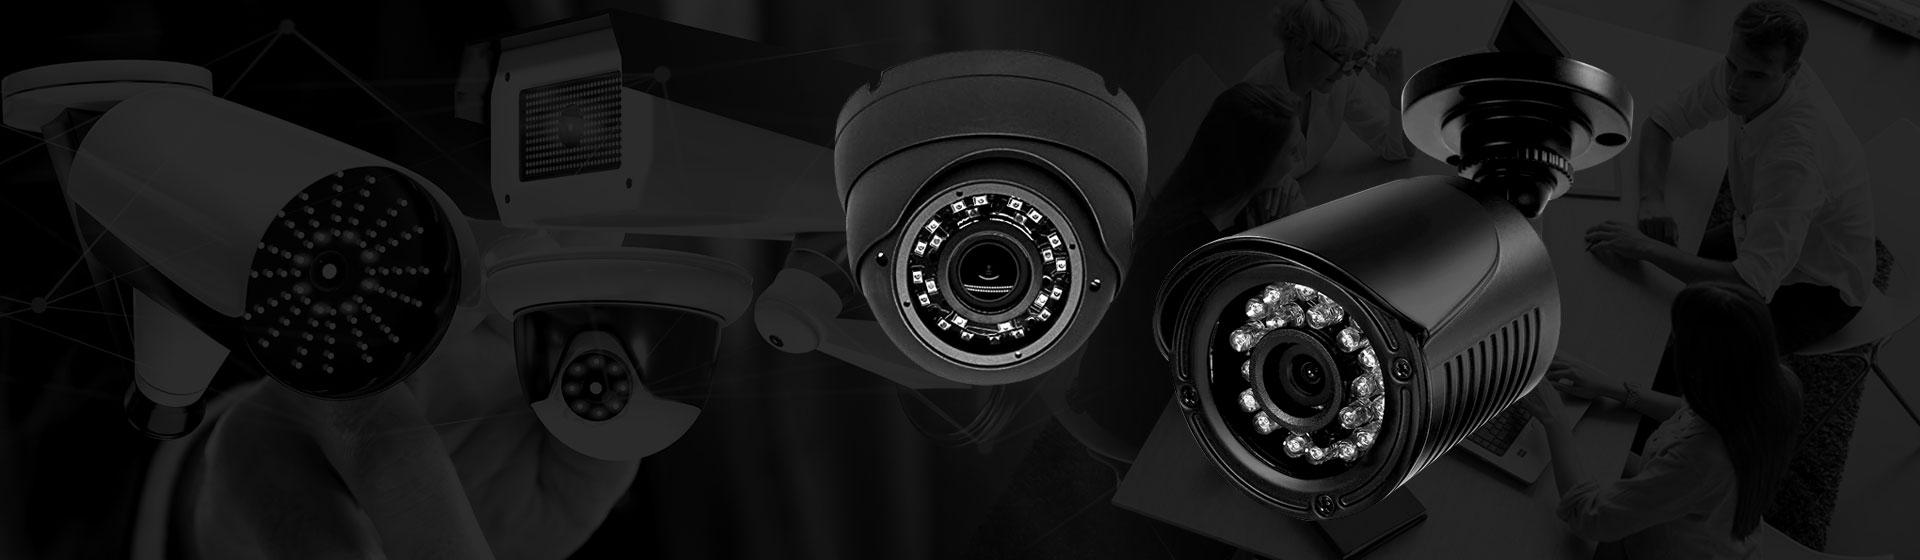 CCTV Cameras Dubai